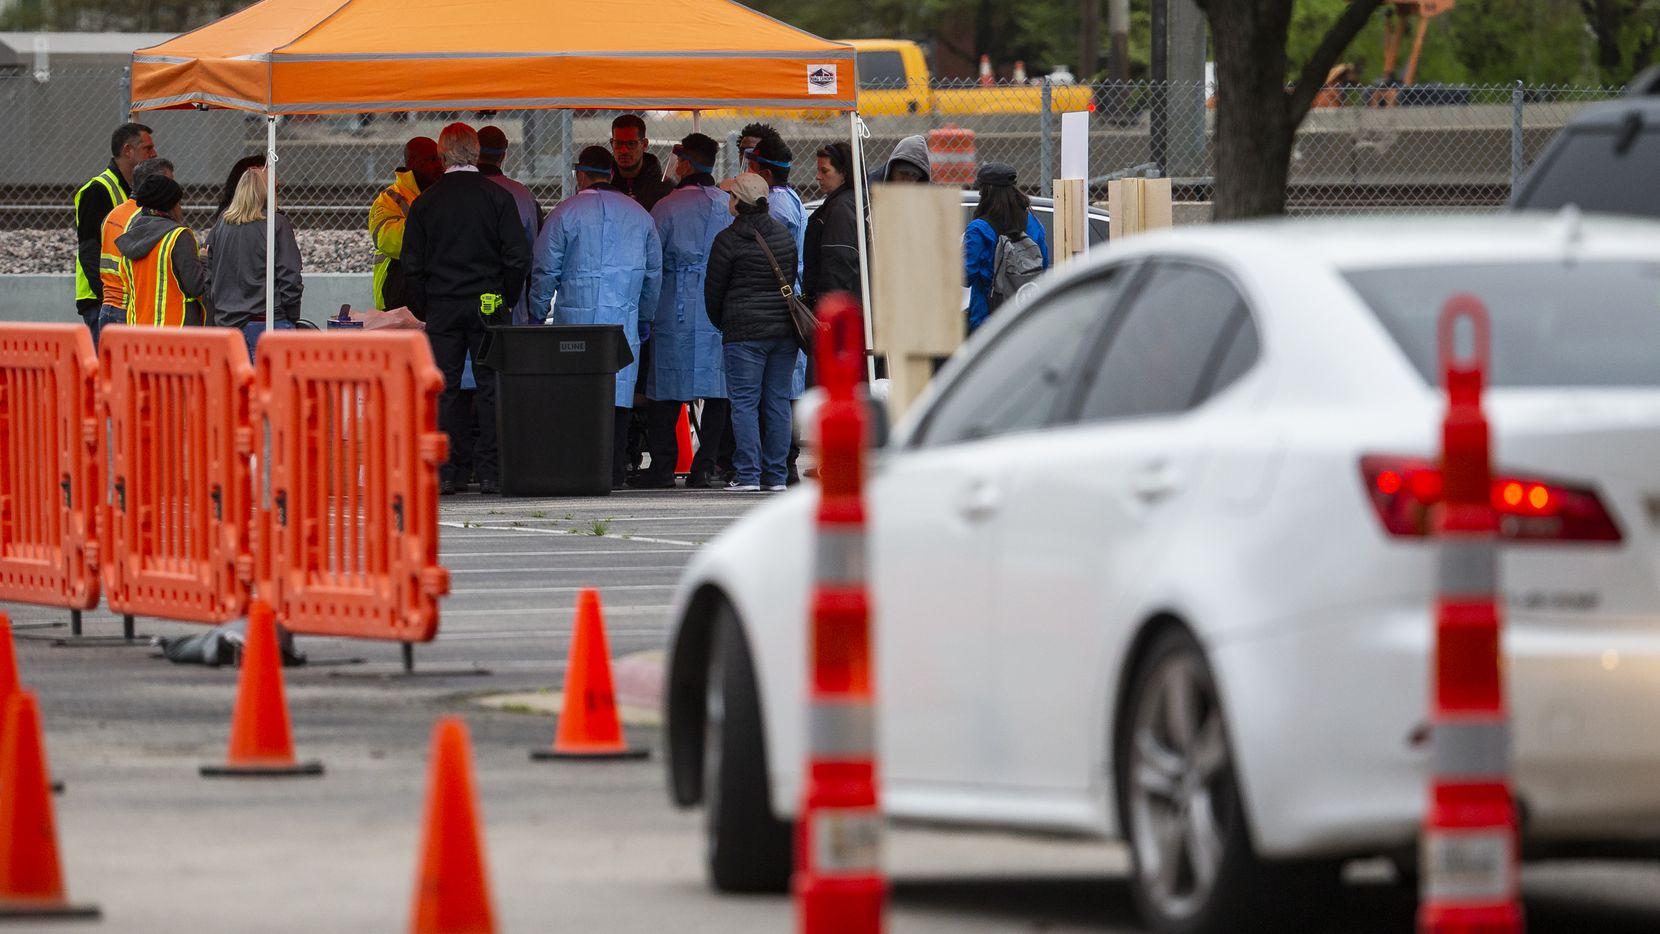 Un grupo de automóviles esperan para poder recibir una prueba de covid-19 en el sitio del American Airlines Center.